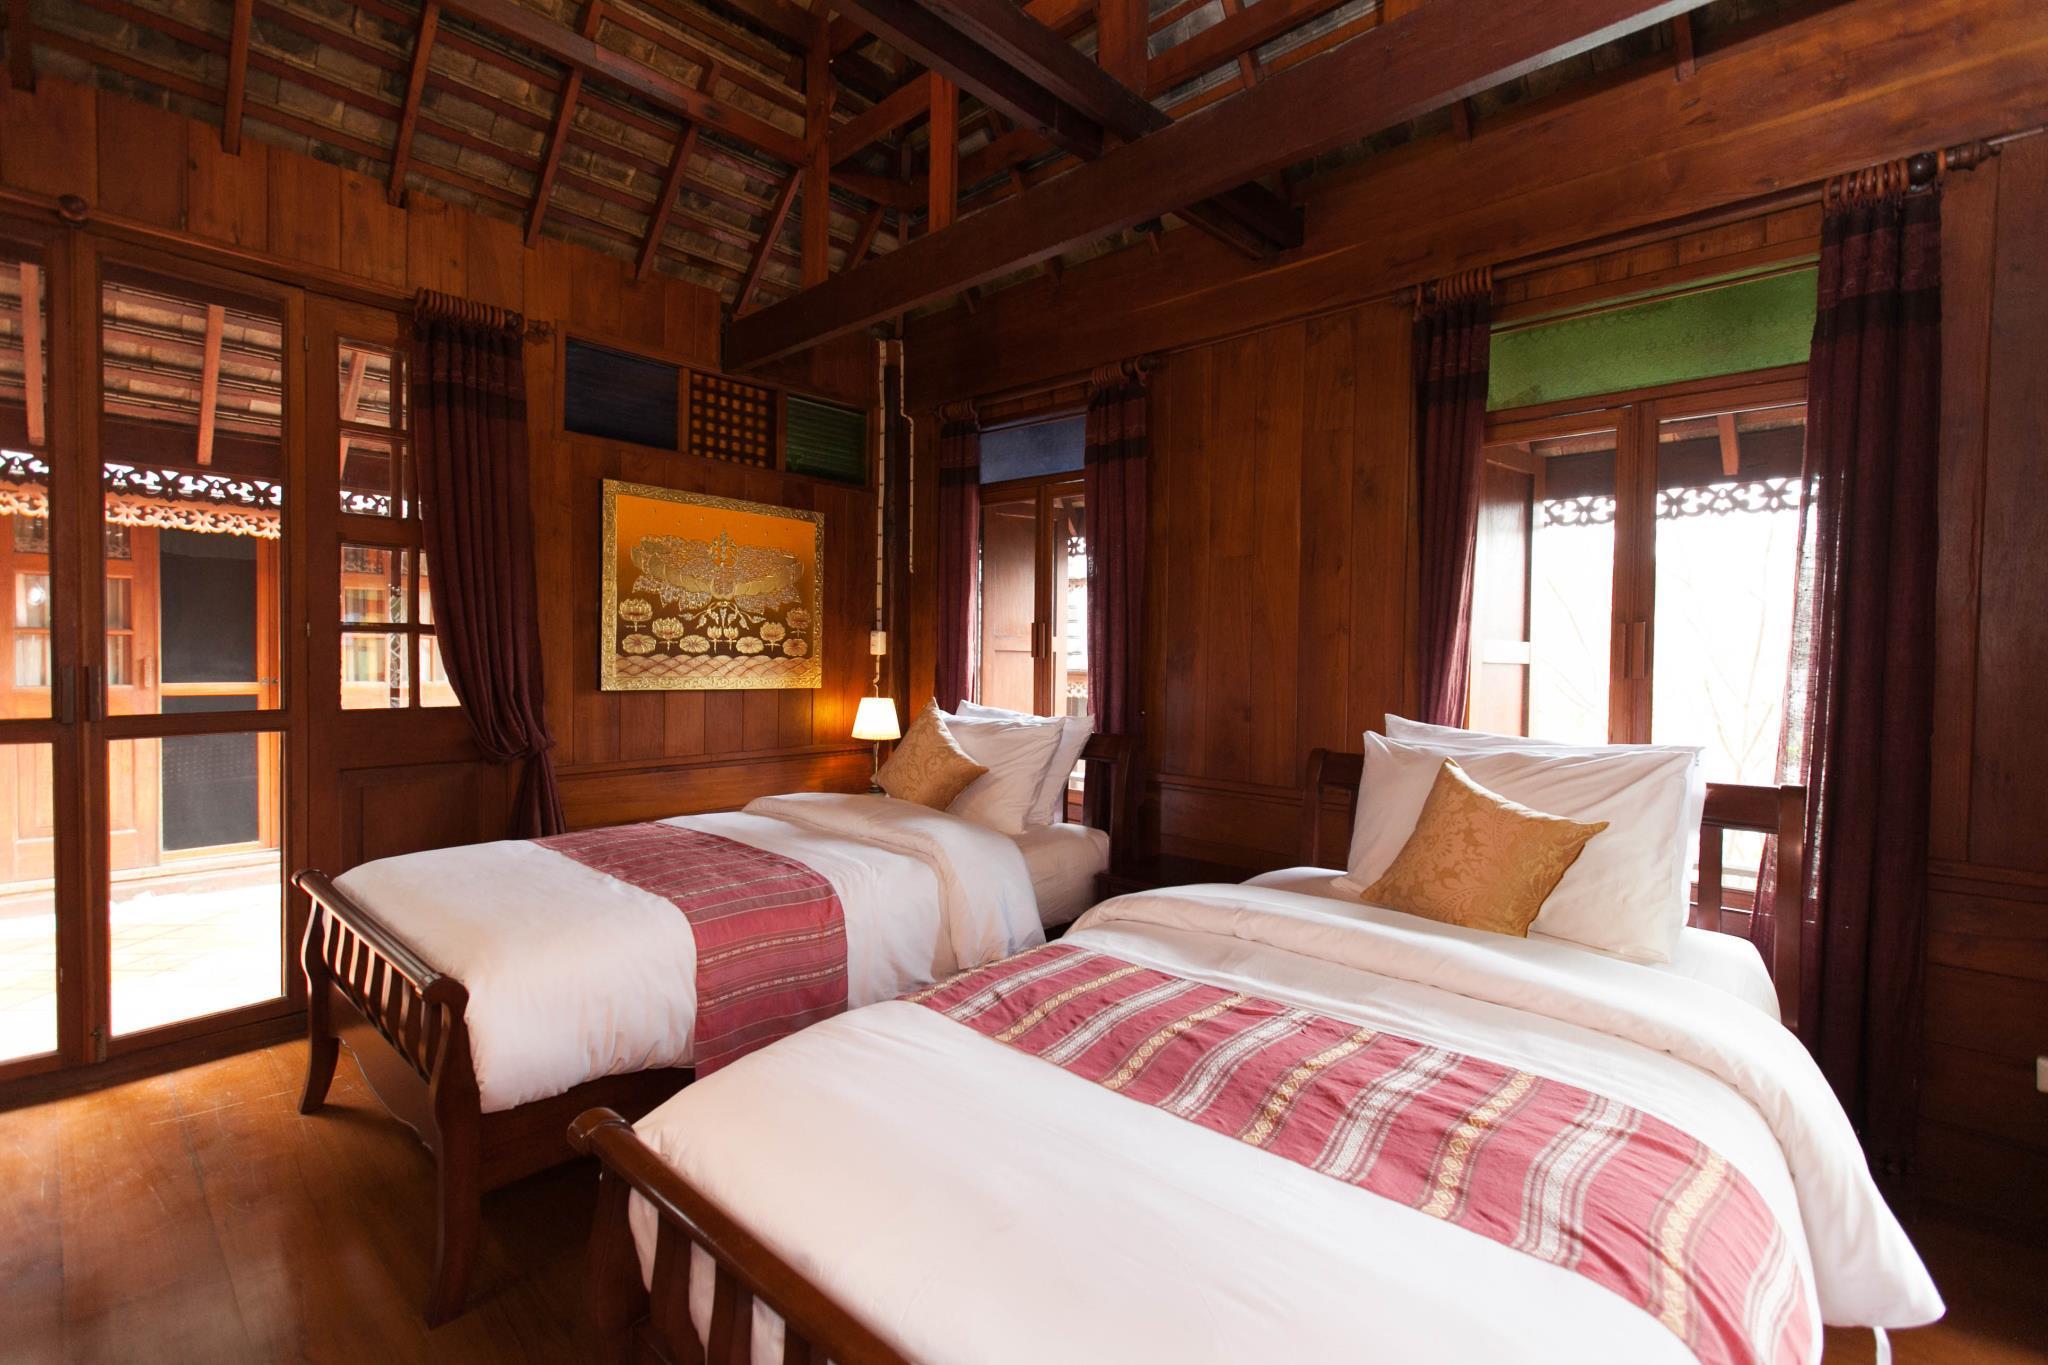 , 4 ห้องนอน 4 ห้องน้ำส่วนตัว ขนาด 250 ตร.ม. – สันทราย